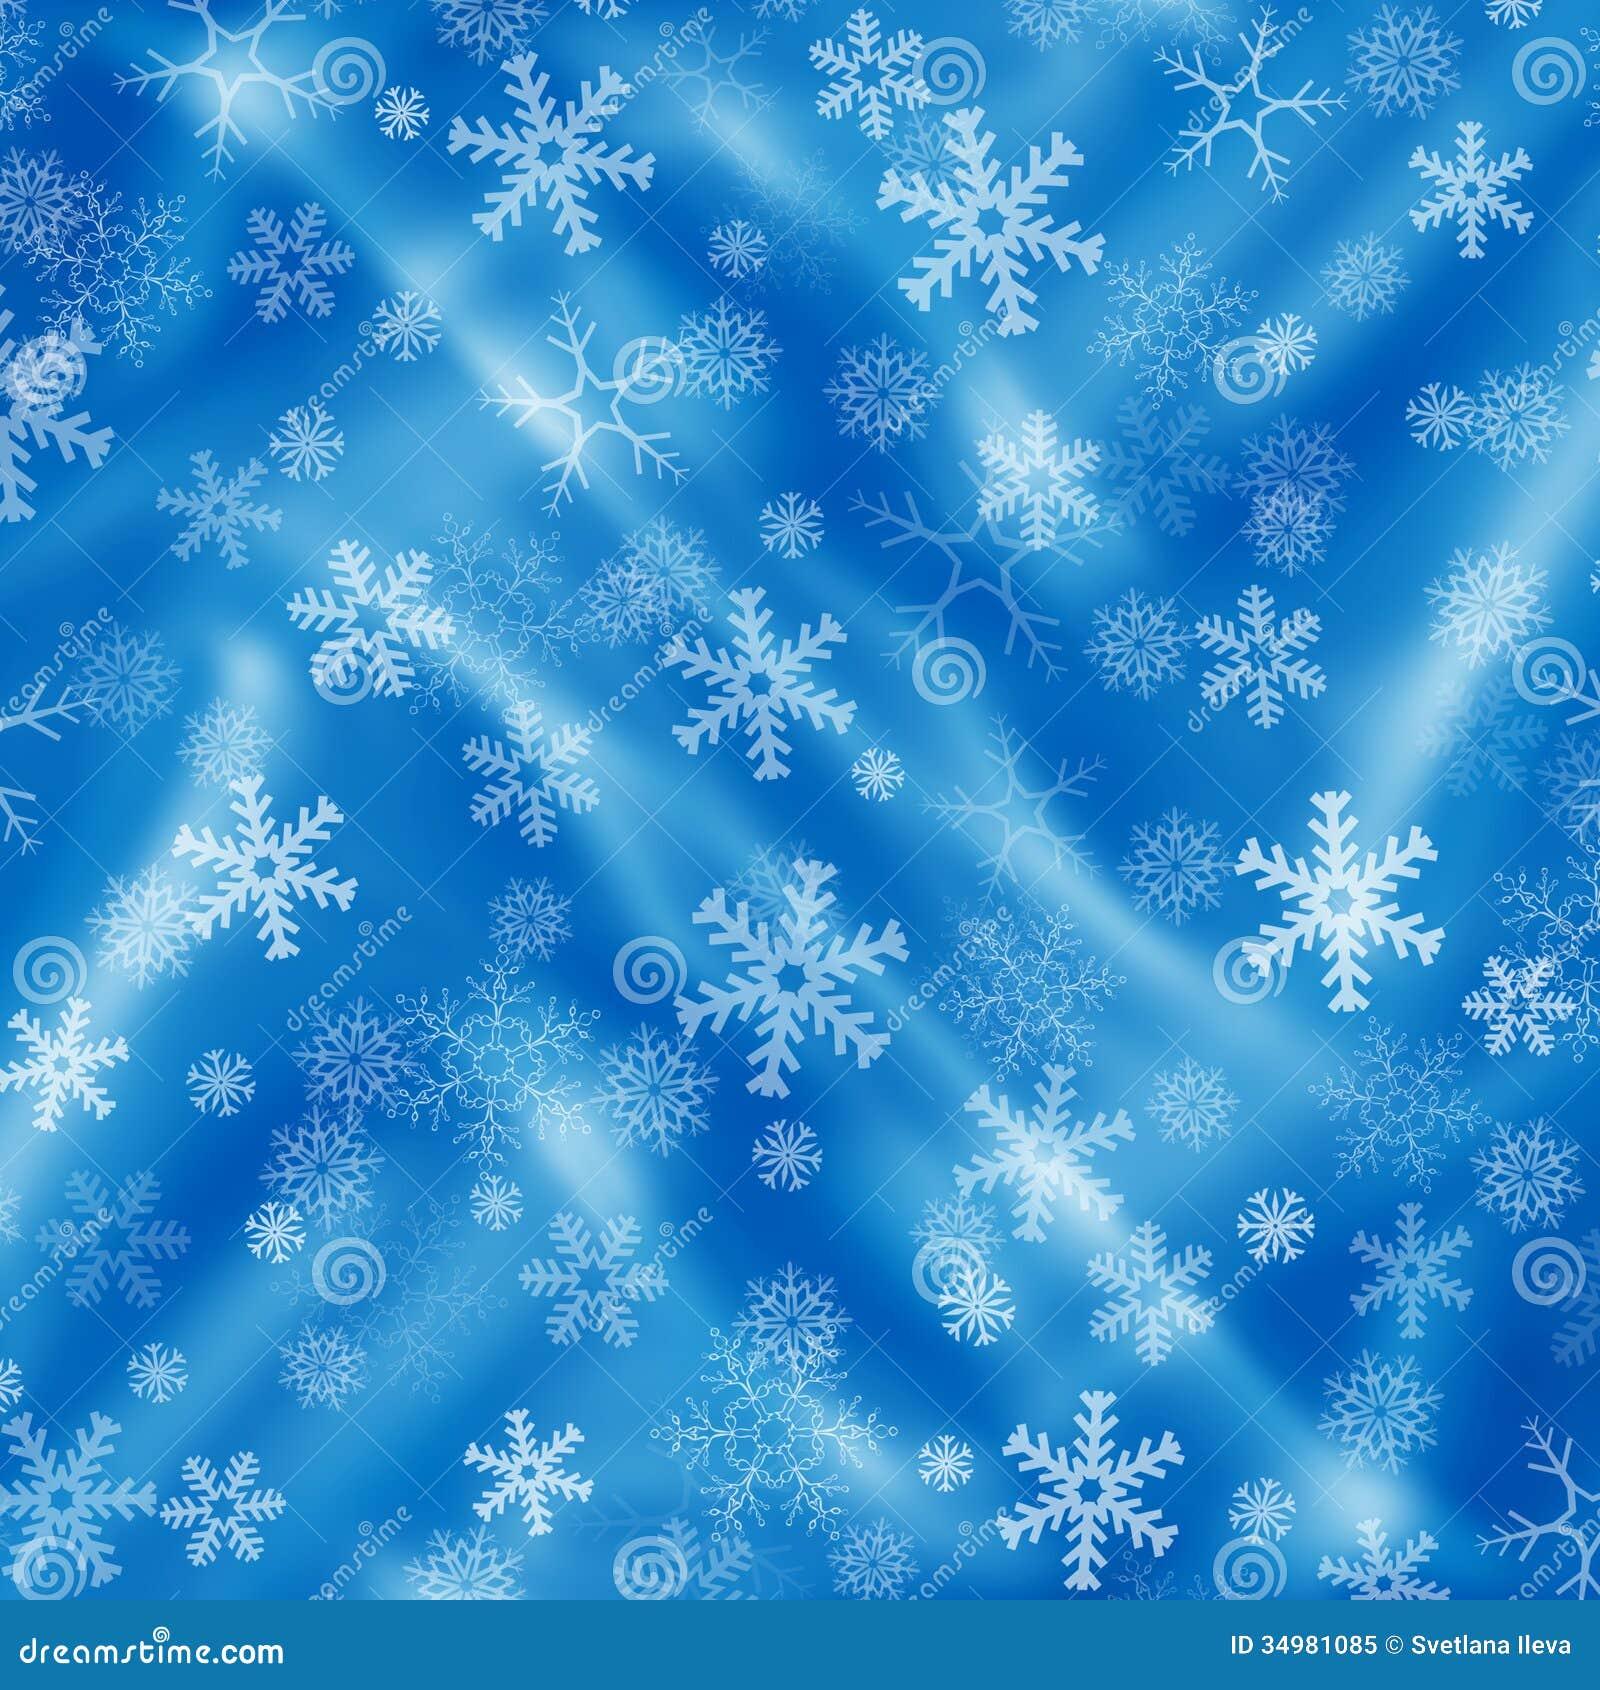 Blauwe achtergrond met sneeuwvlokken en gordijn royalty vrije stock foto afbeelding 34981085 - Gordijn blauwe eend ...